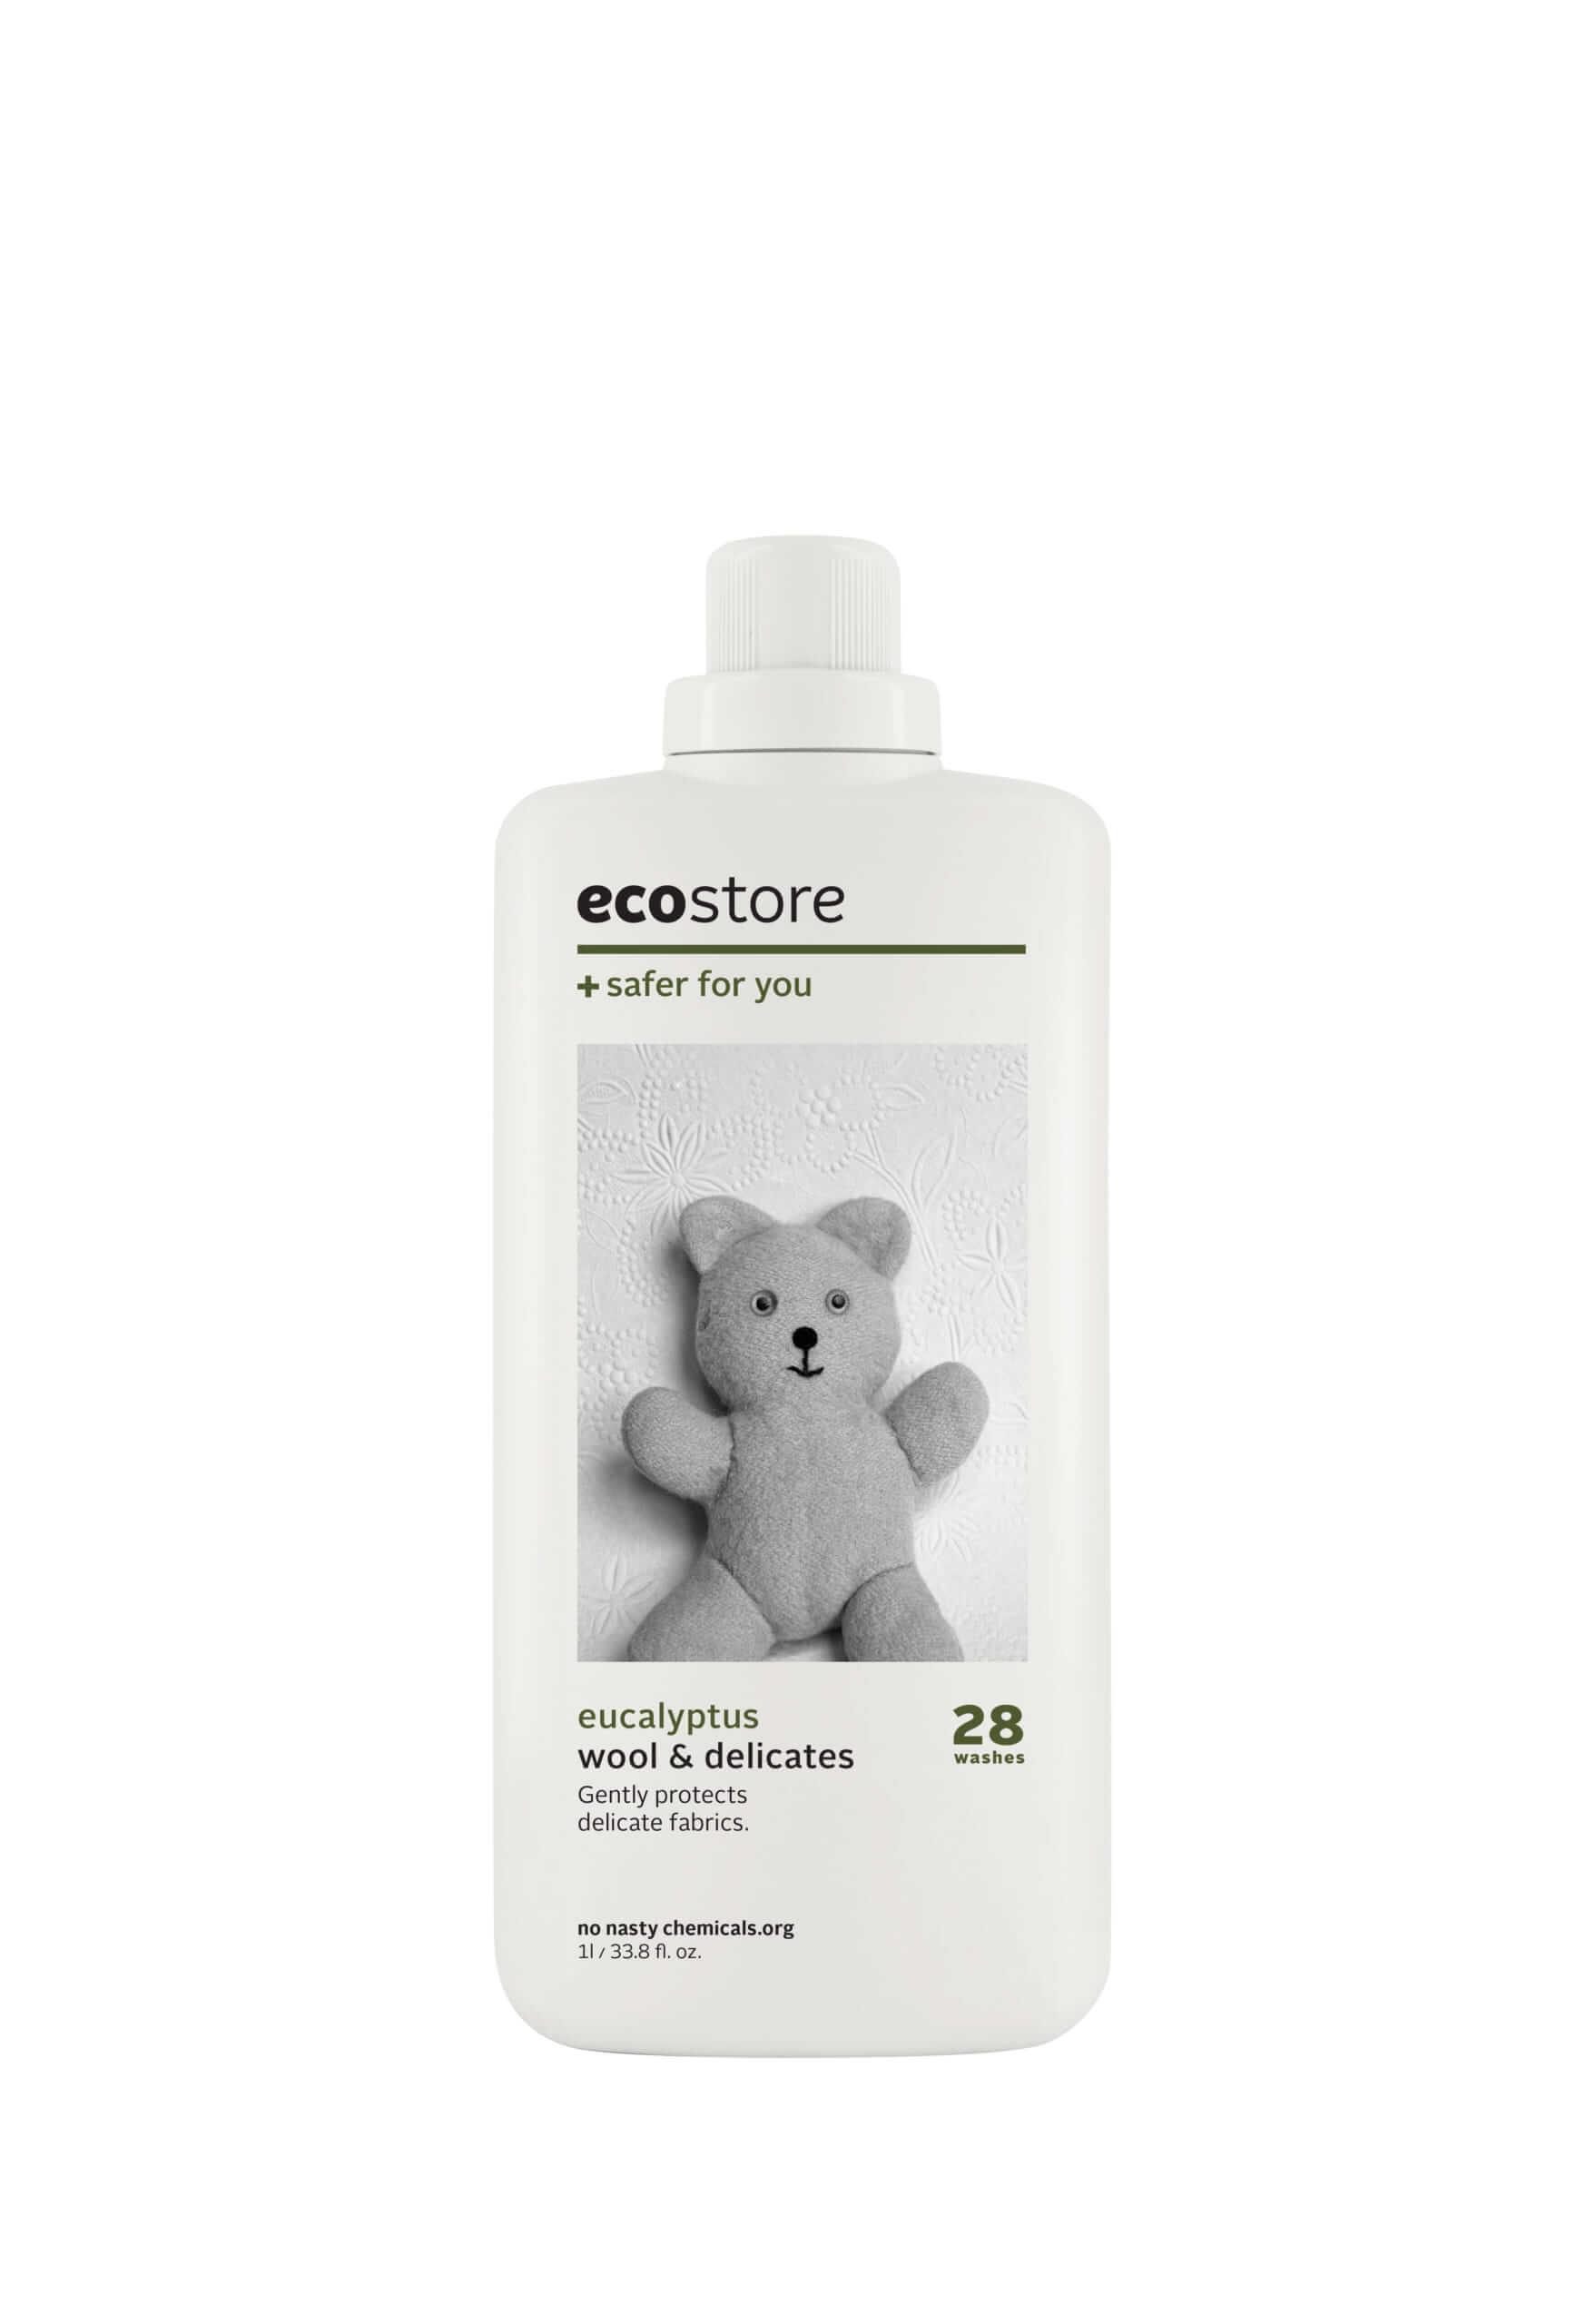 ecostore(エコストア)のデリケート&ウールウォッシュ<おしゃれ着用> 500mL/¥748(税込み)、1L/¥1,298(税込み)